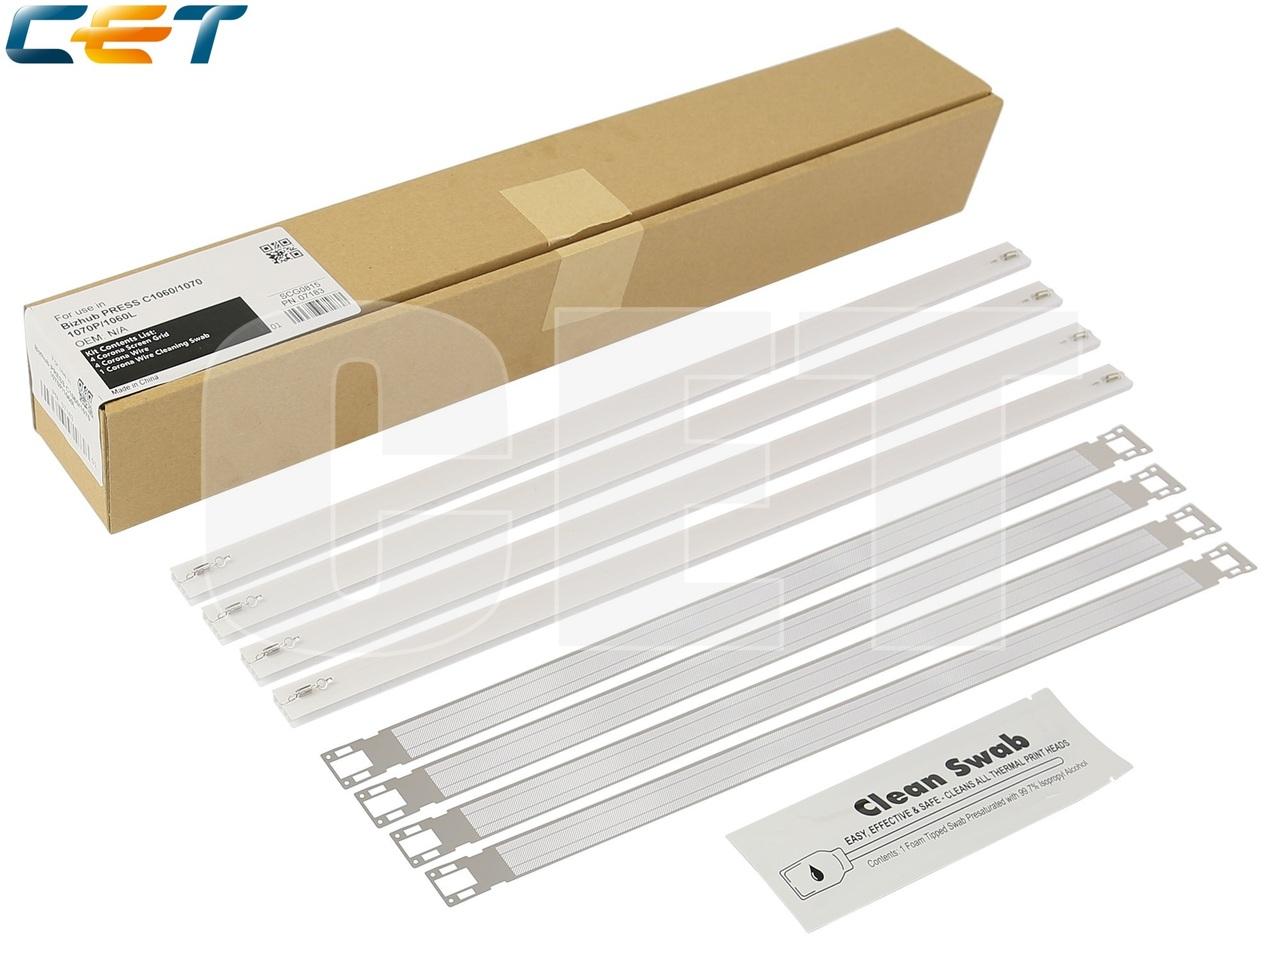 Комплект восстановления коротронов заряда для KONICAMINOLTA Bizhub PRESS C1060/1070/1070P (CET), CET7183